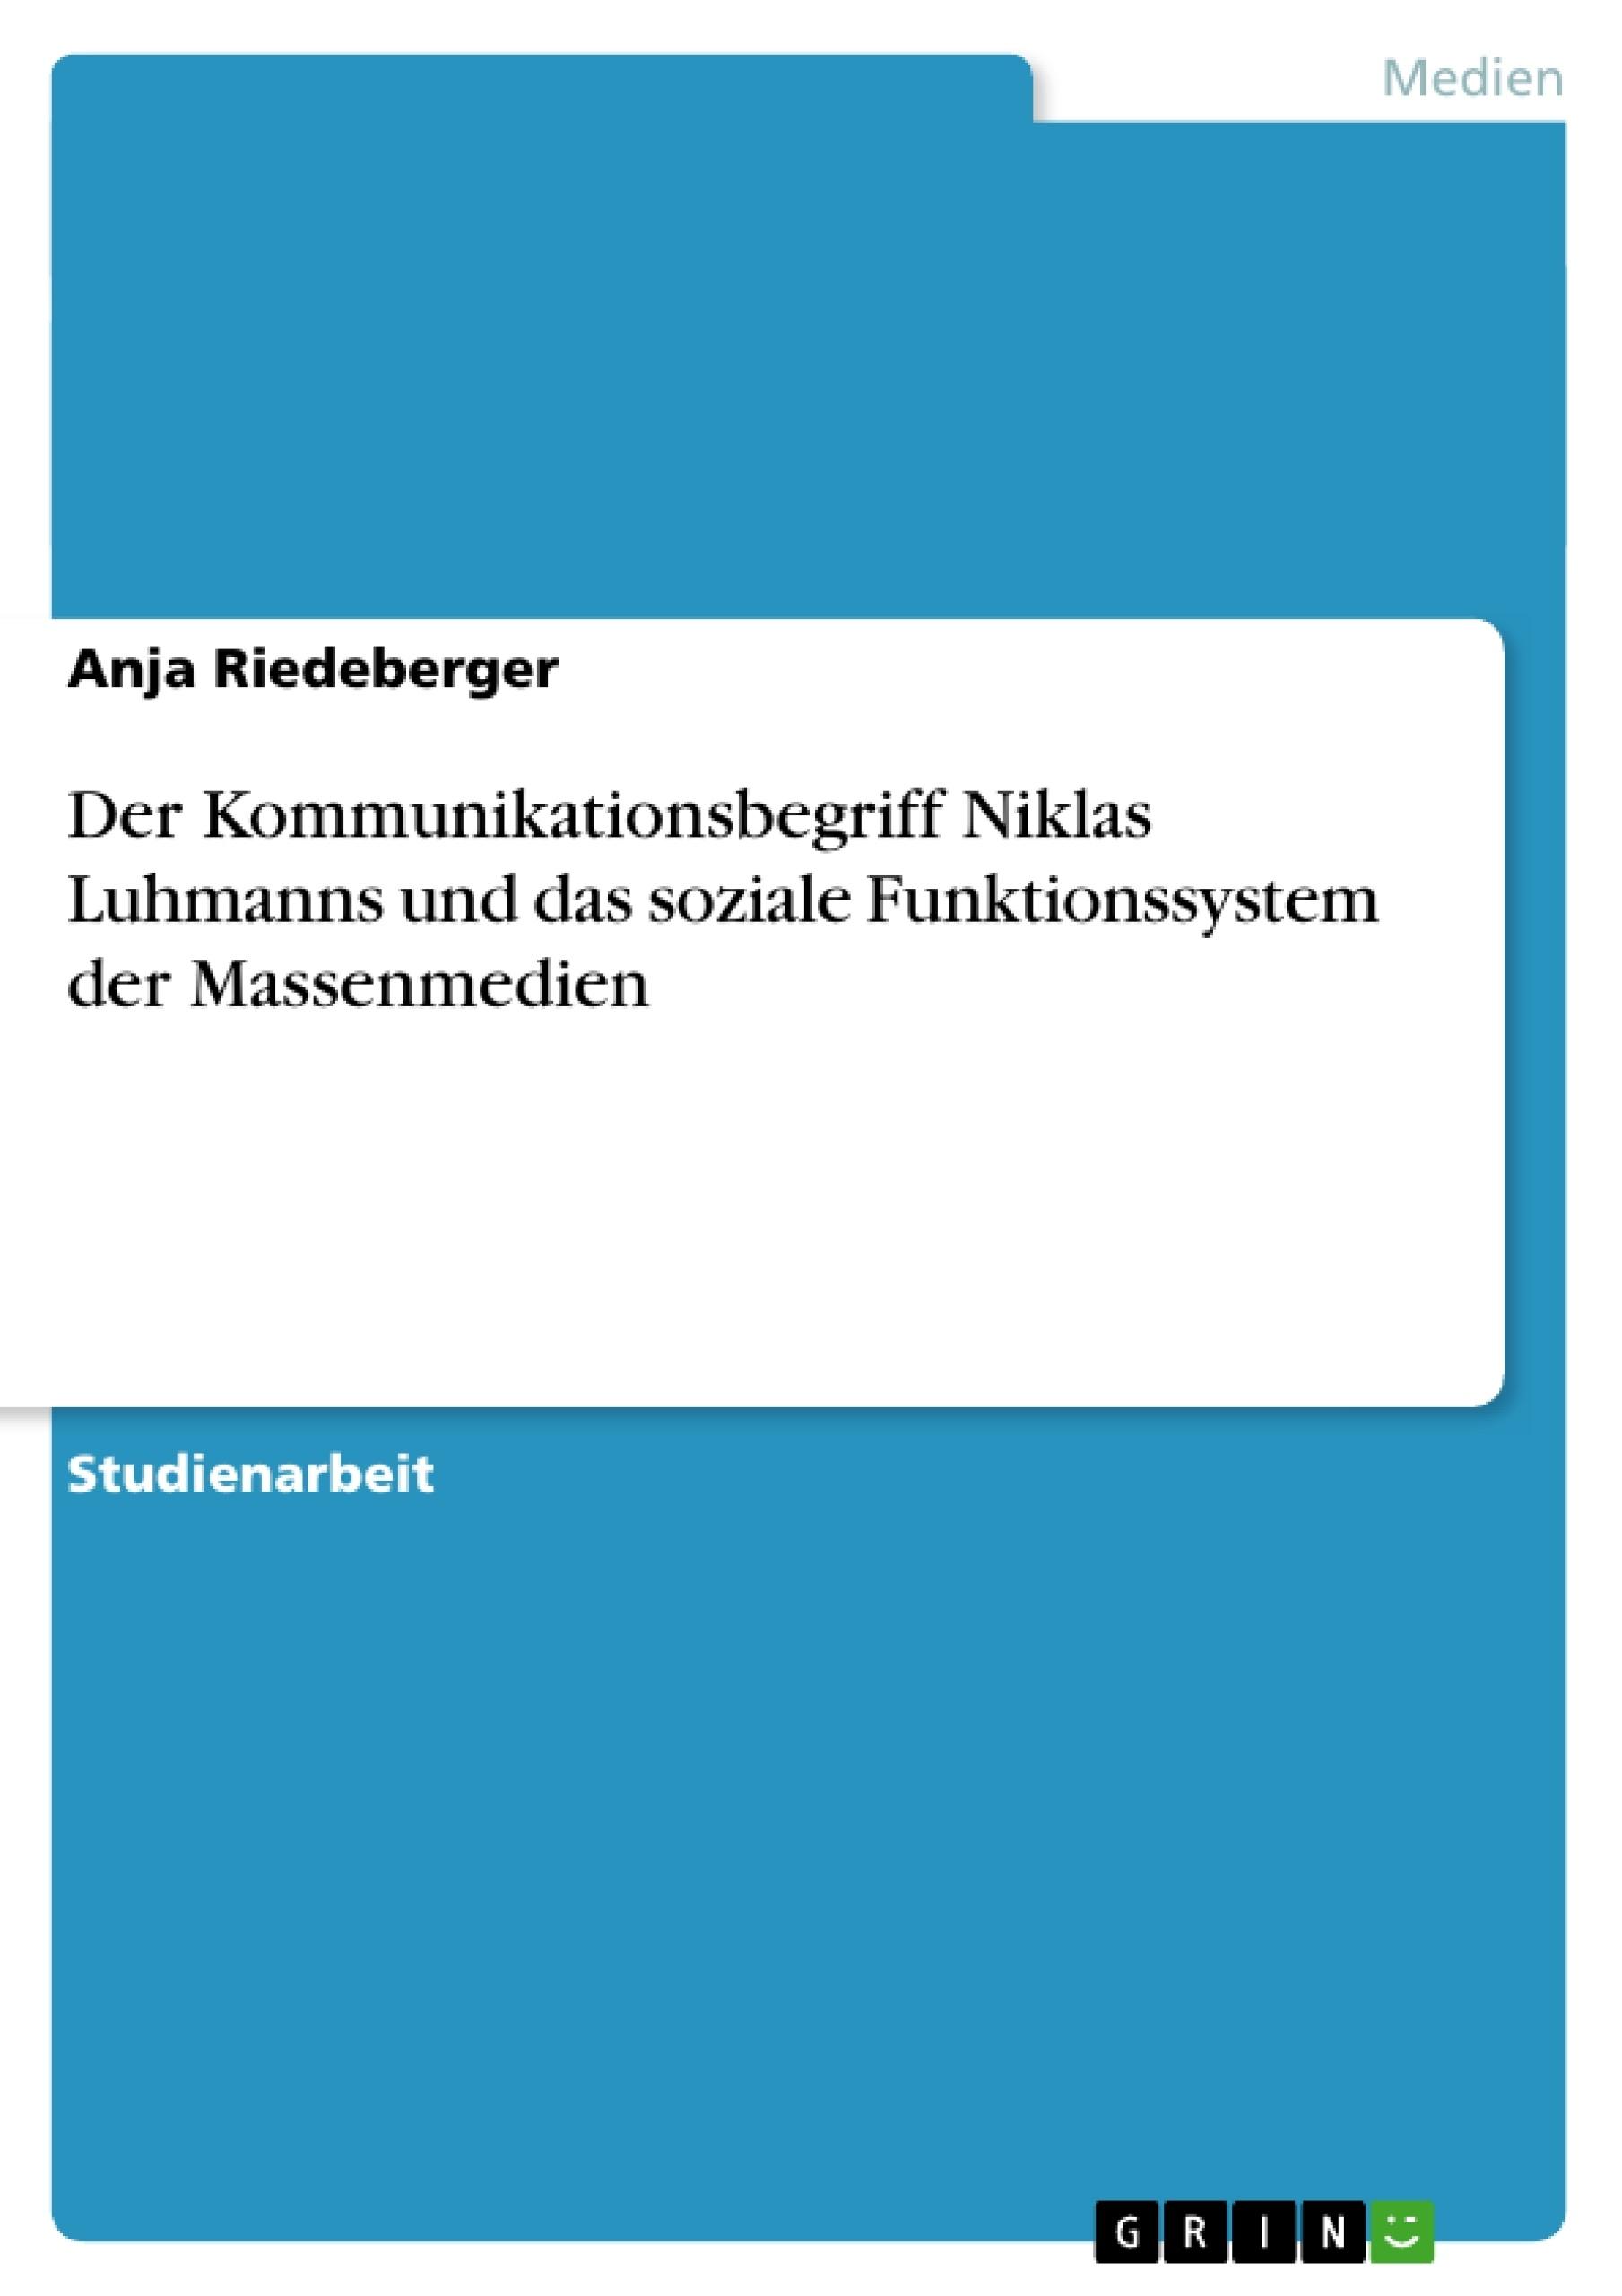 Titel: Der Kommunikationsbegriff Niklas Luhmanns und das soziale Funktionssystem der Massenmedien